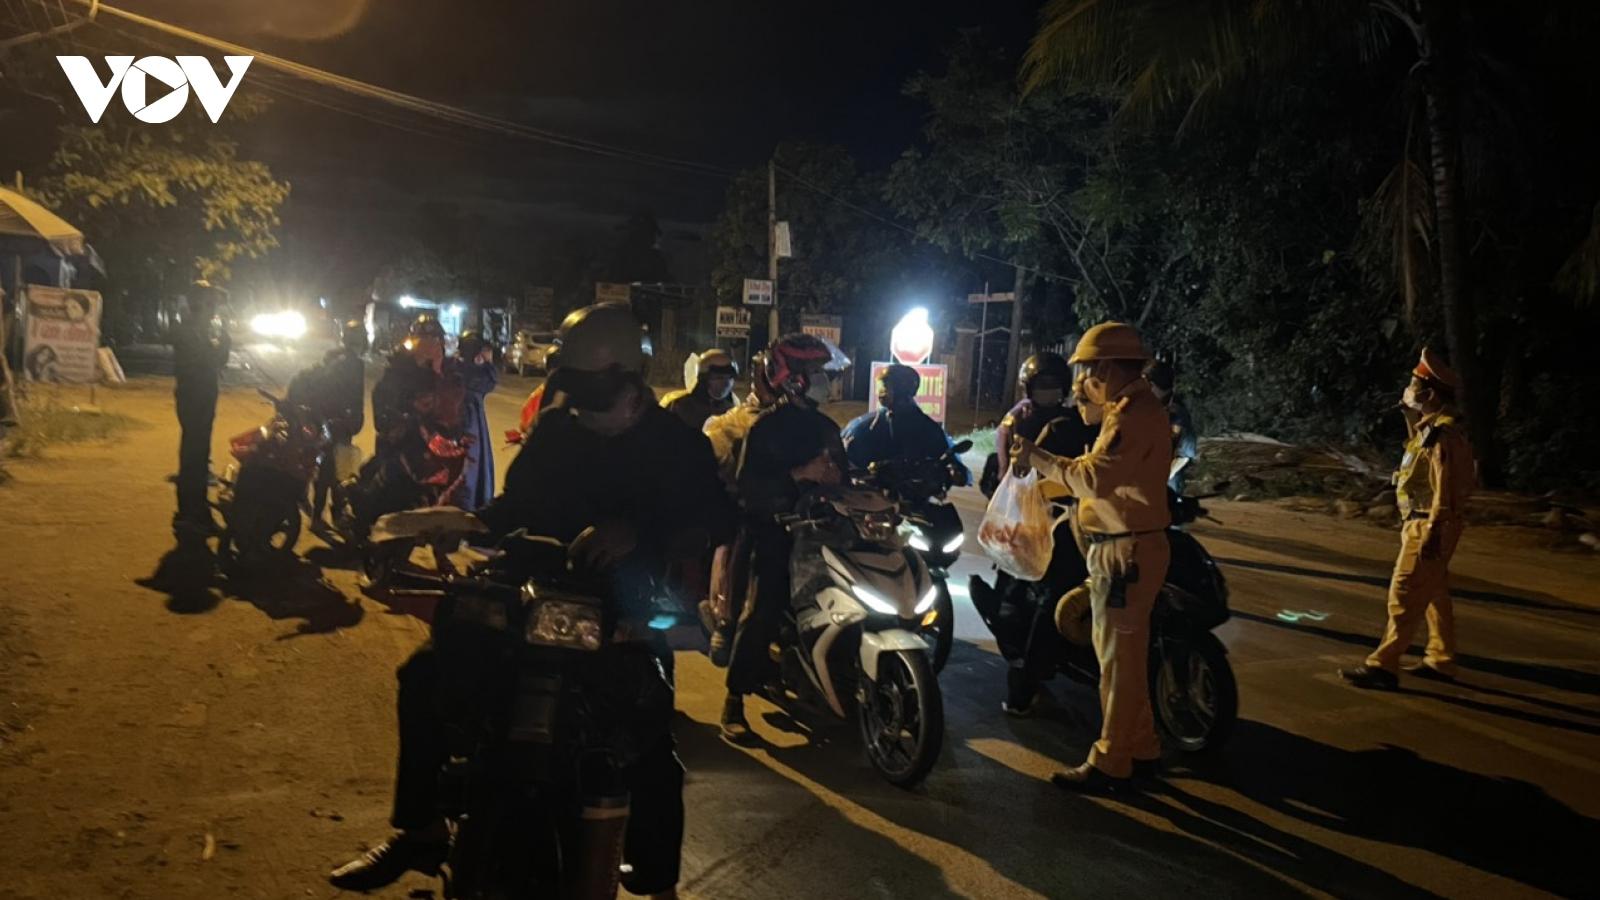 Cảnh sát giao thông trắng đêm dẫn đoàn người từ TP.HCM về quê đi qua Đà Nẵng